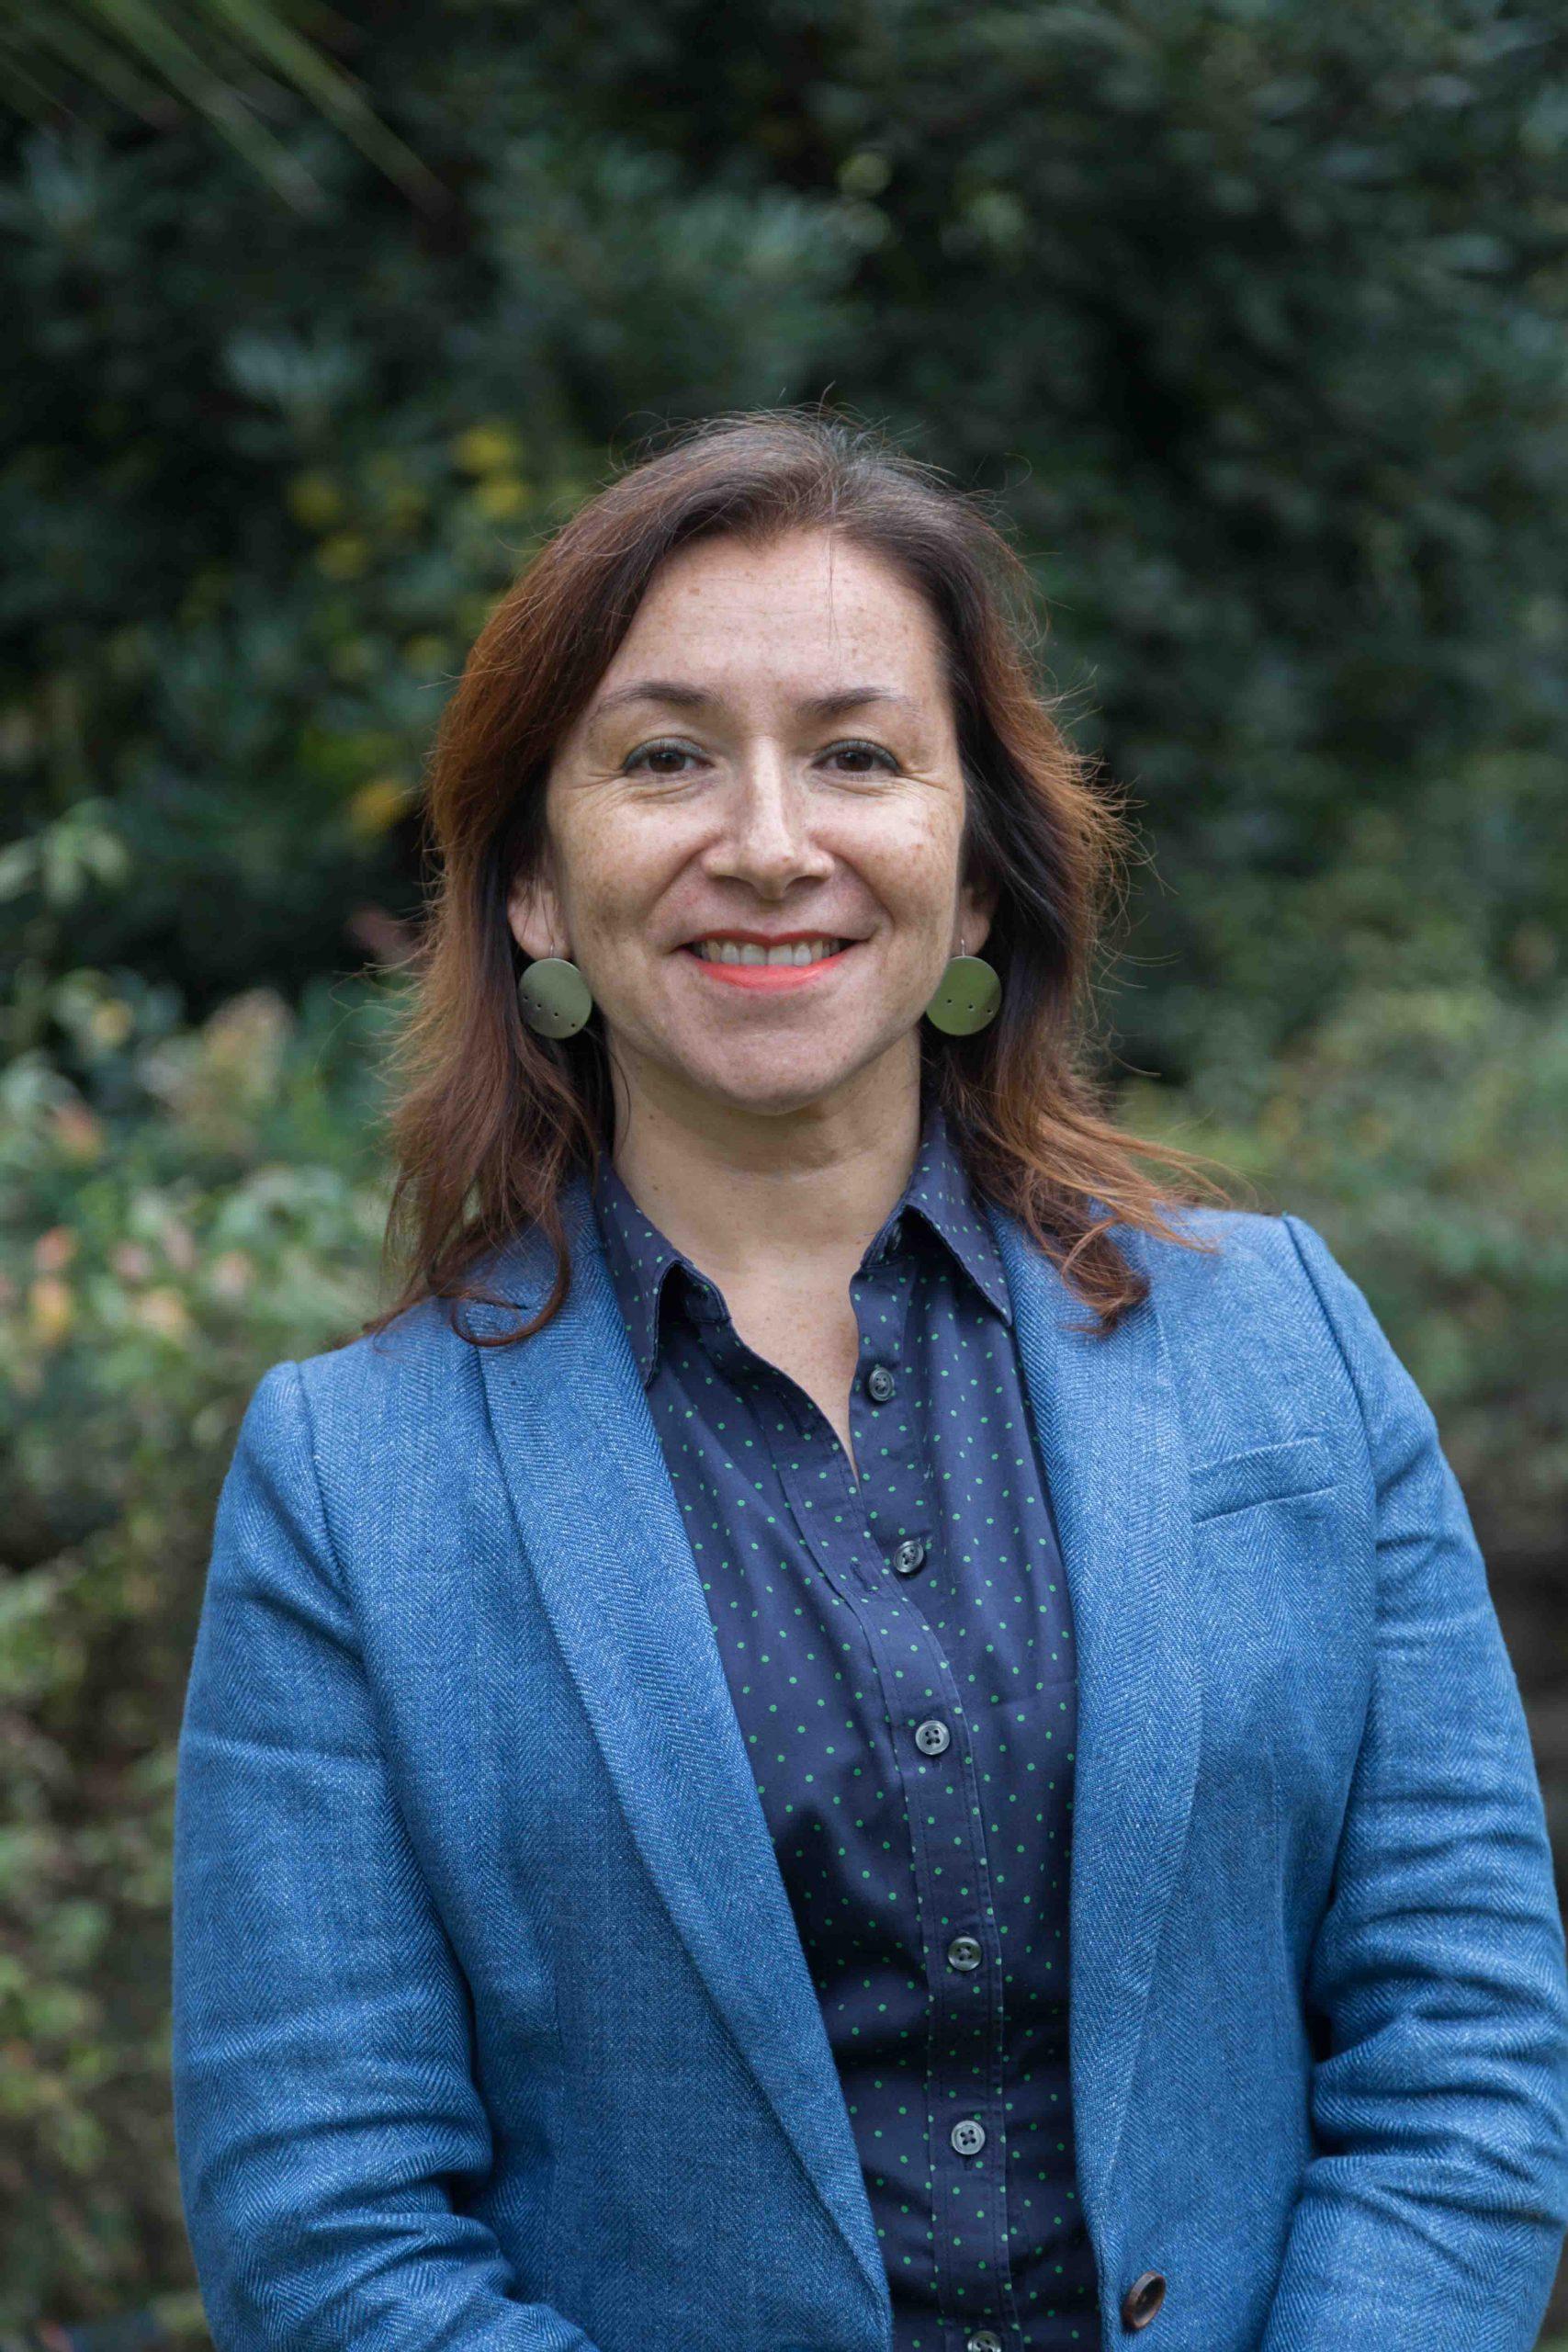 Profesora María Luisa Méndez participó en los «Diálogos UC para la Sustentabilidad» junto a la periodista Alejandra Matus